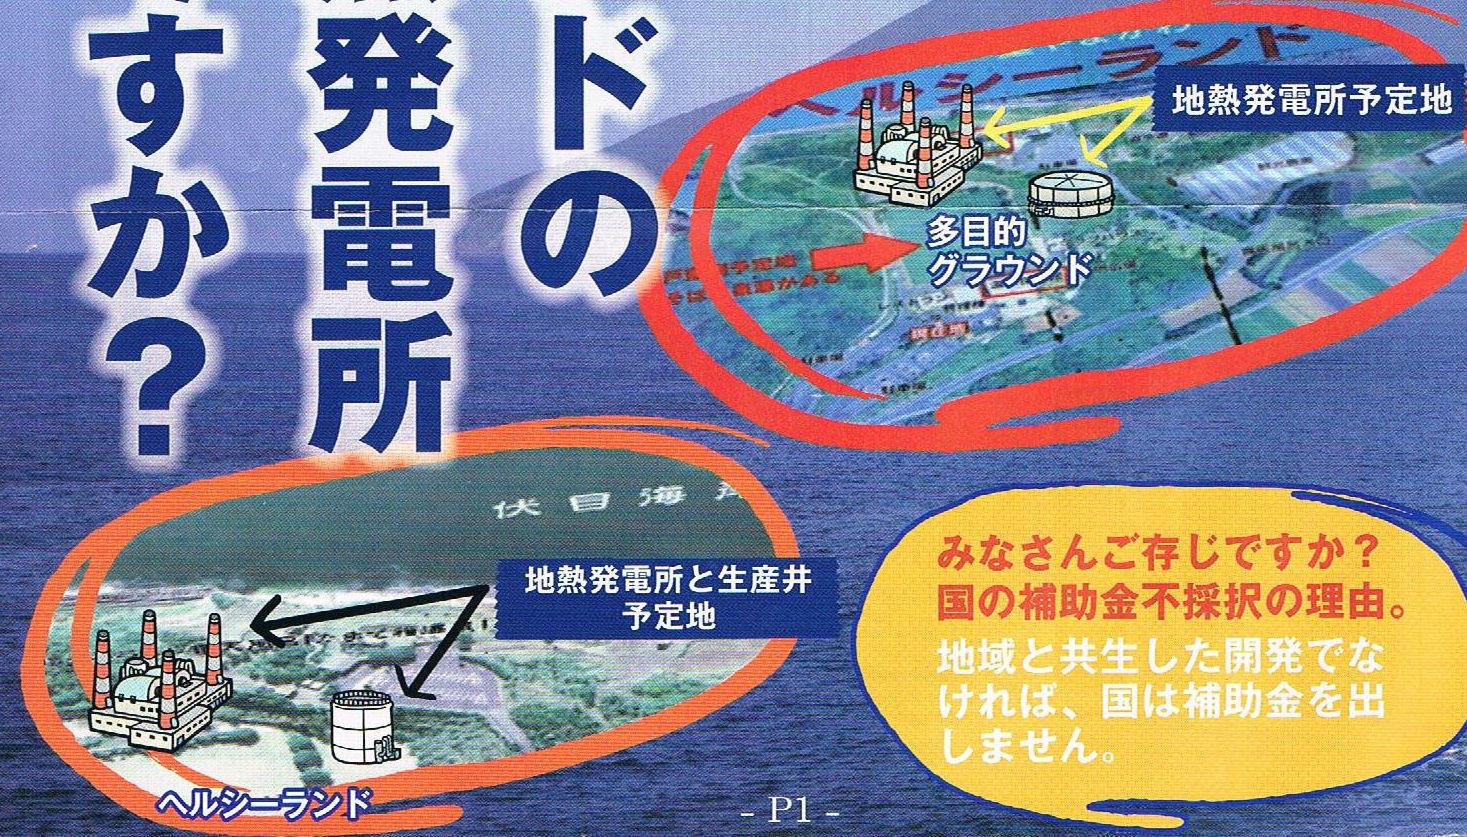 http://hunter-investigate.jp/news/004--2.jpg